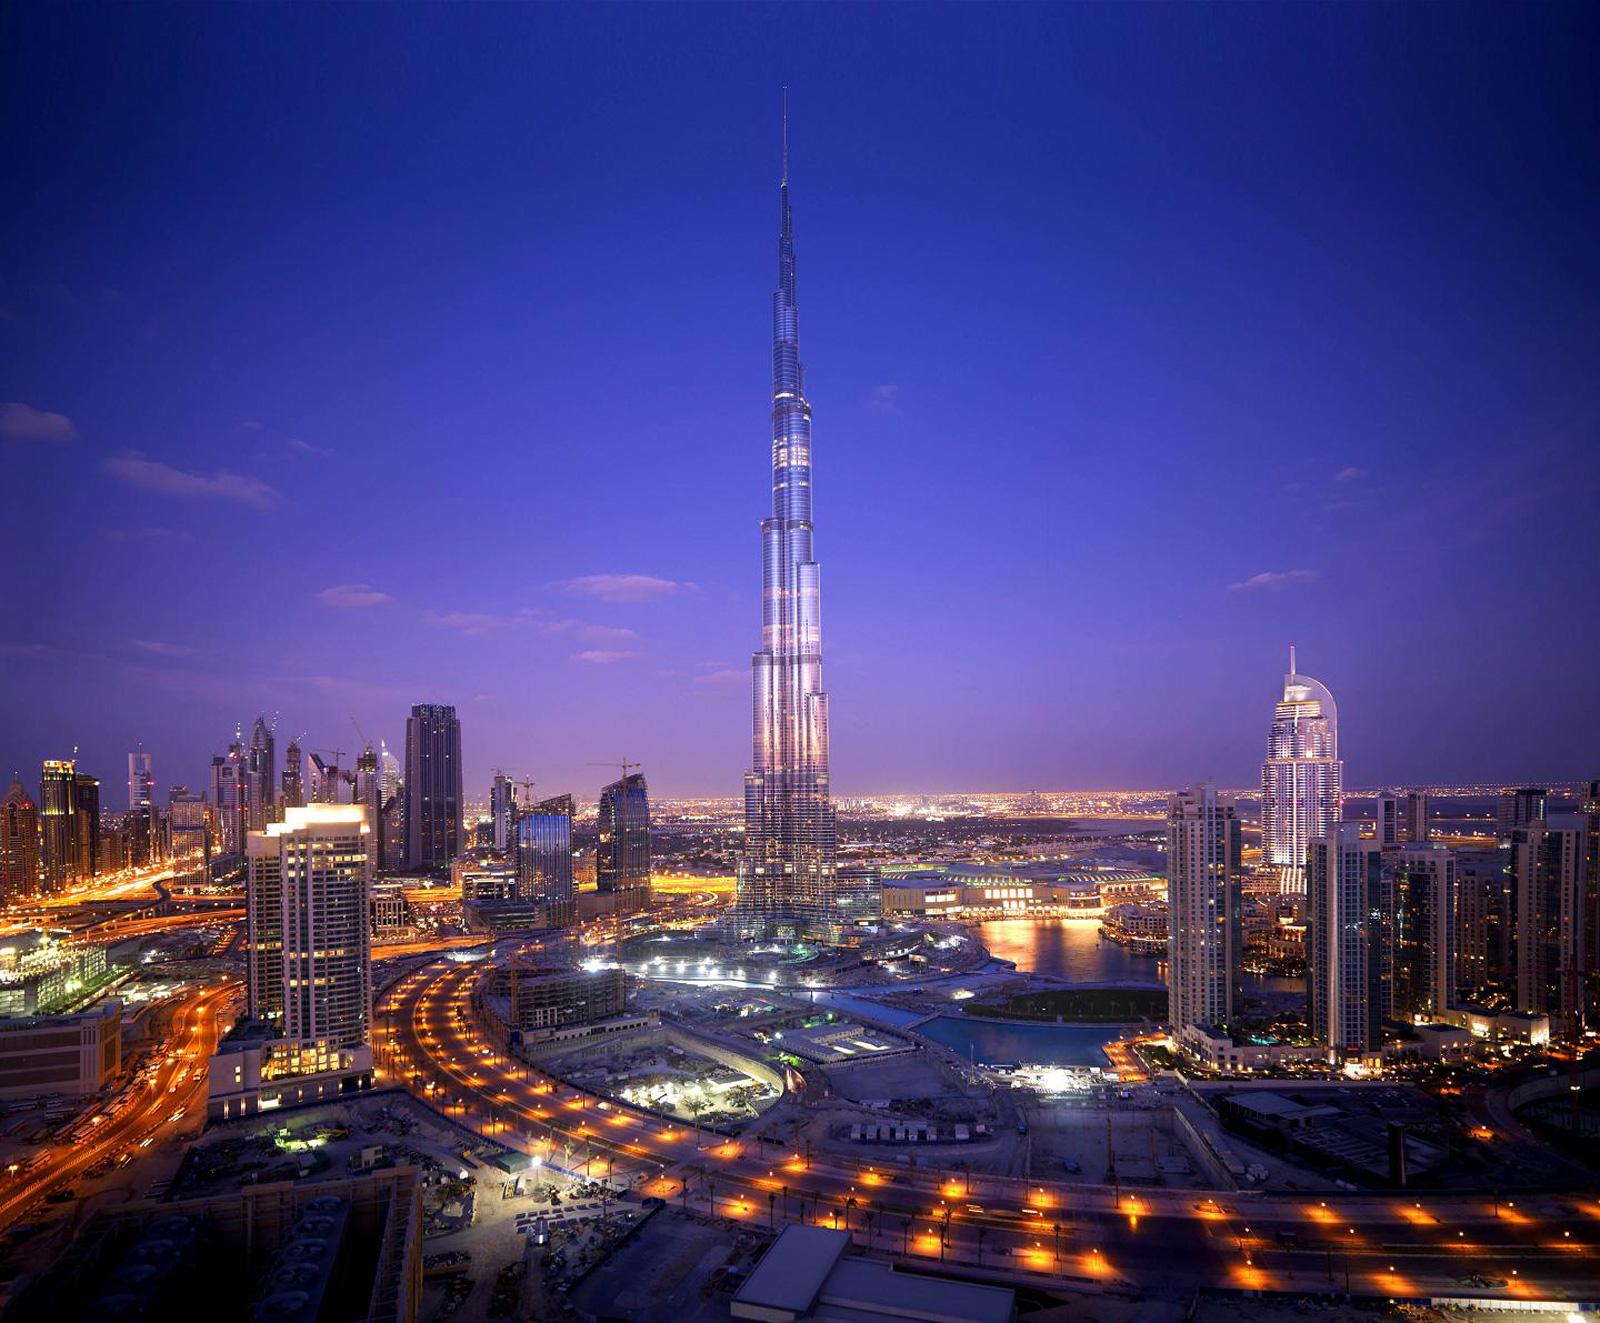 Burj Dubai (Burj Khalifa)